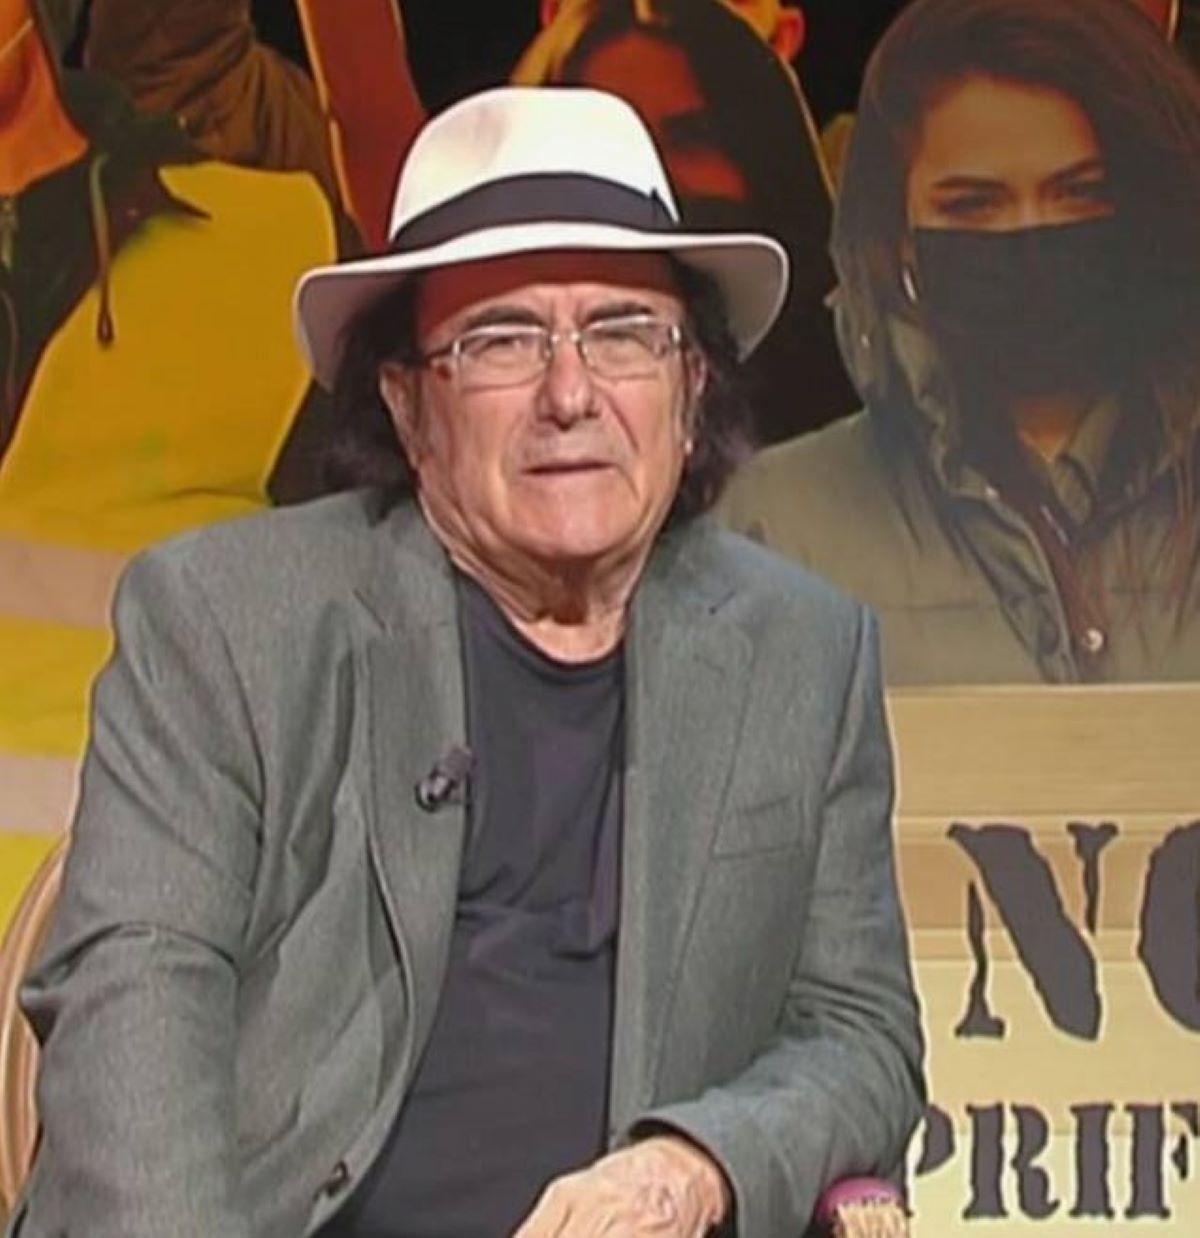 Albano Carrisi Tristezza Notizia Esclusione The Voice Senior